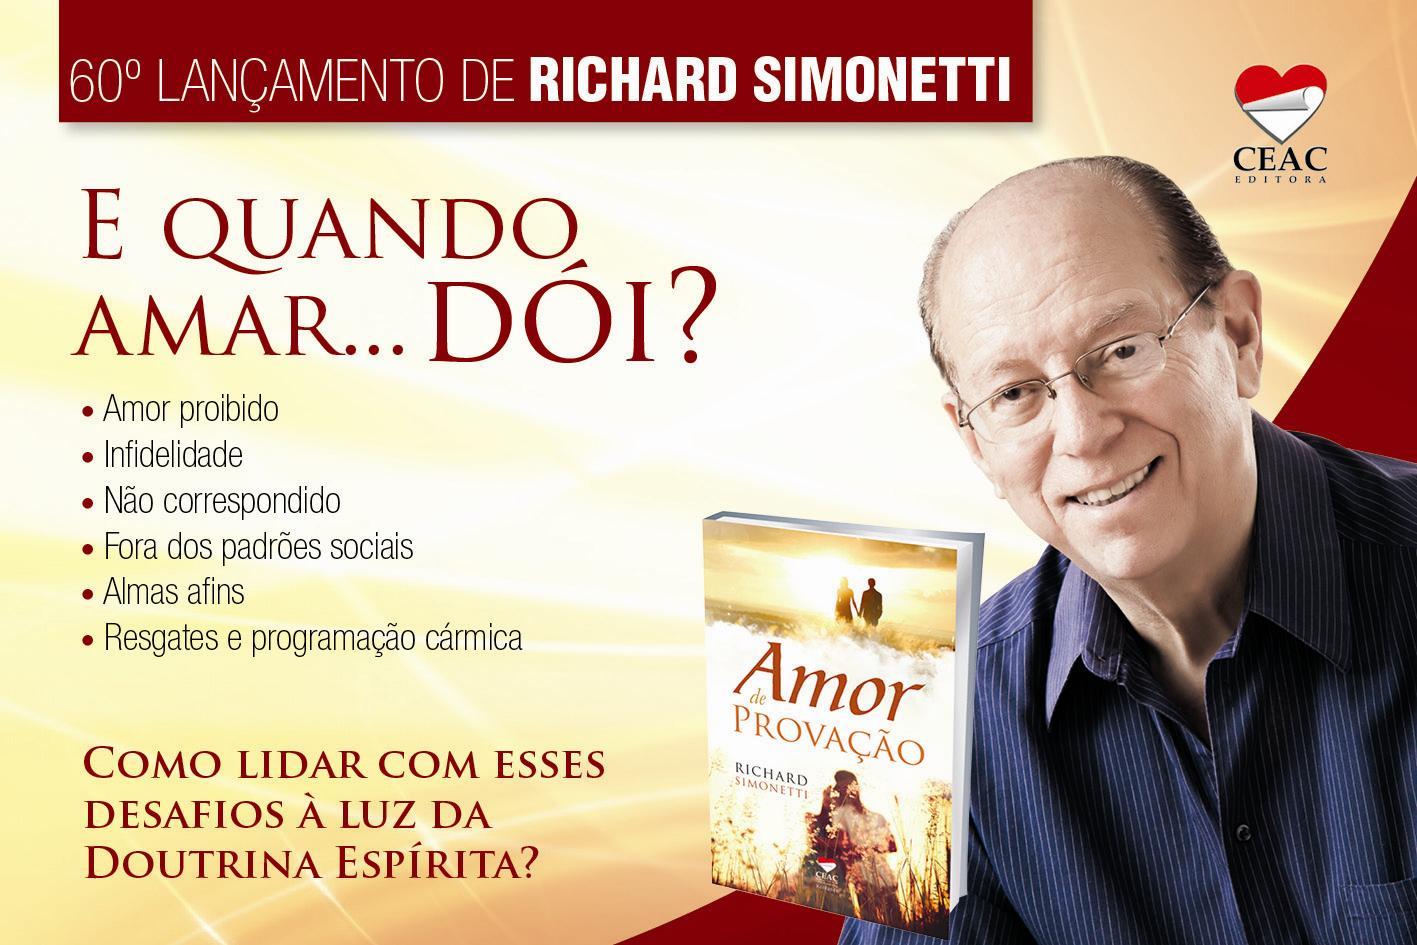 Agenda Espírita Brasil - 60 Livro de Richard Simonetti_original